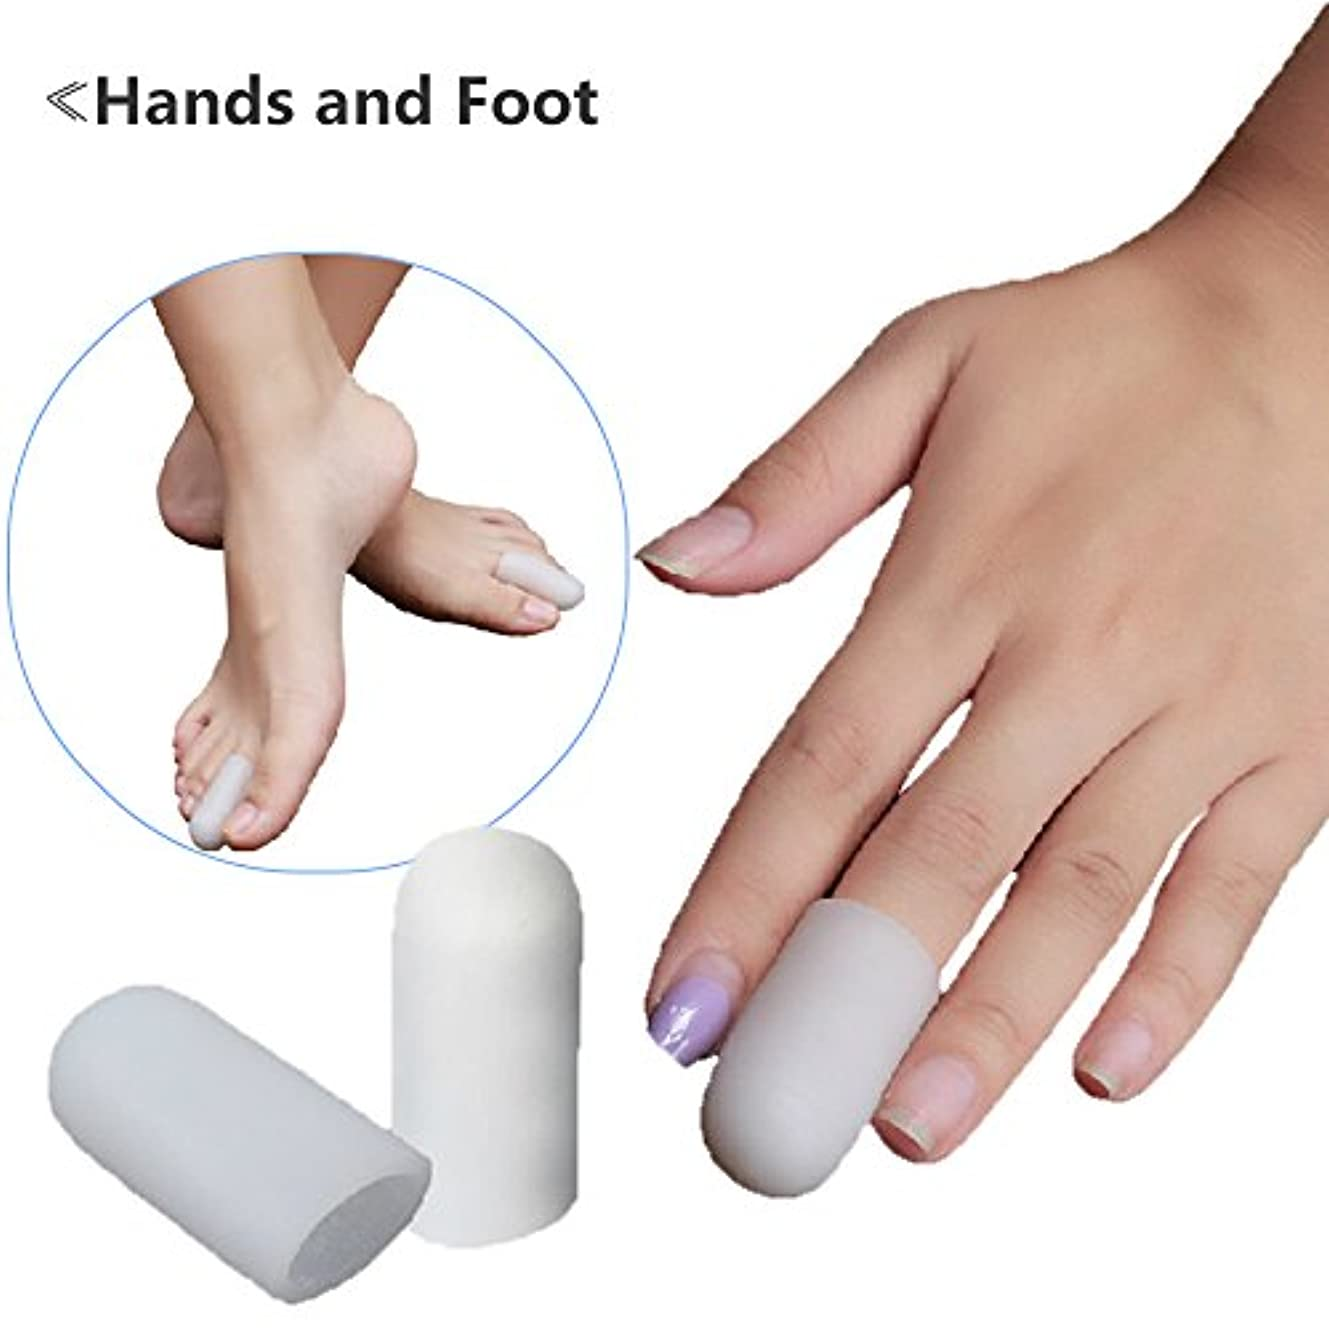 扇動する電卓怠惰つま先プロテクター ランニング時の足先のつめ保護キャップ,指キャップ,〈2個入〉 (M(3.5cm))